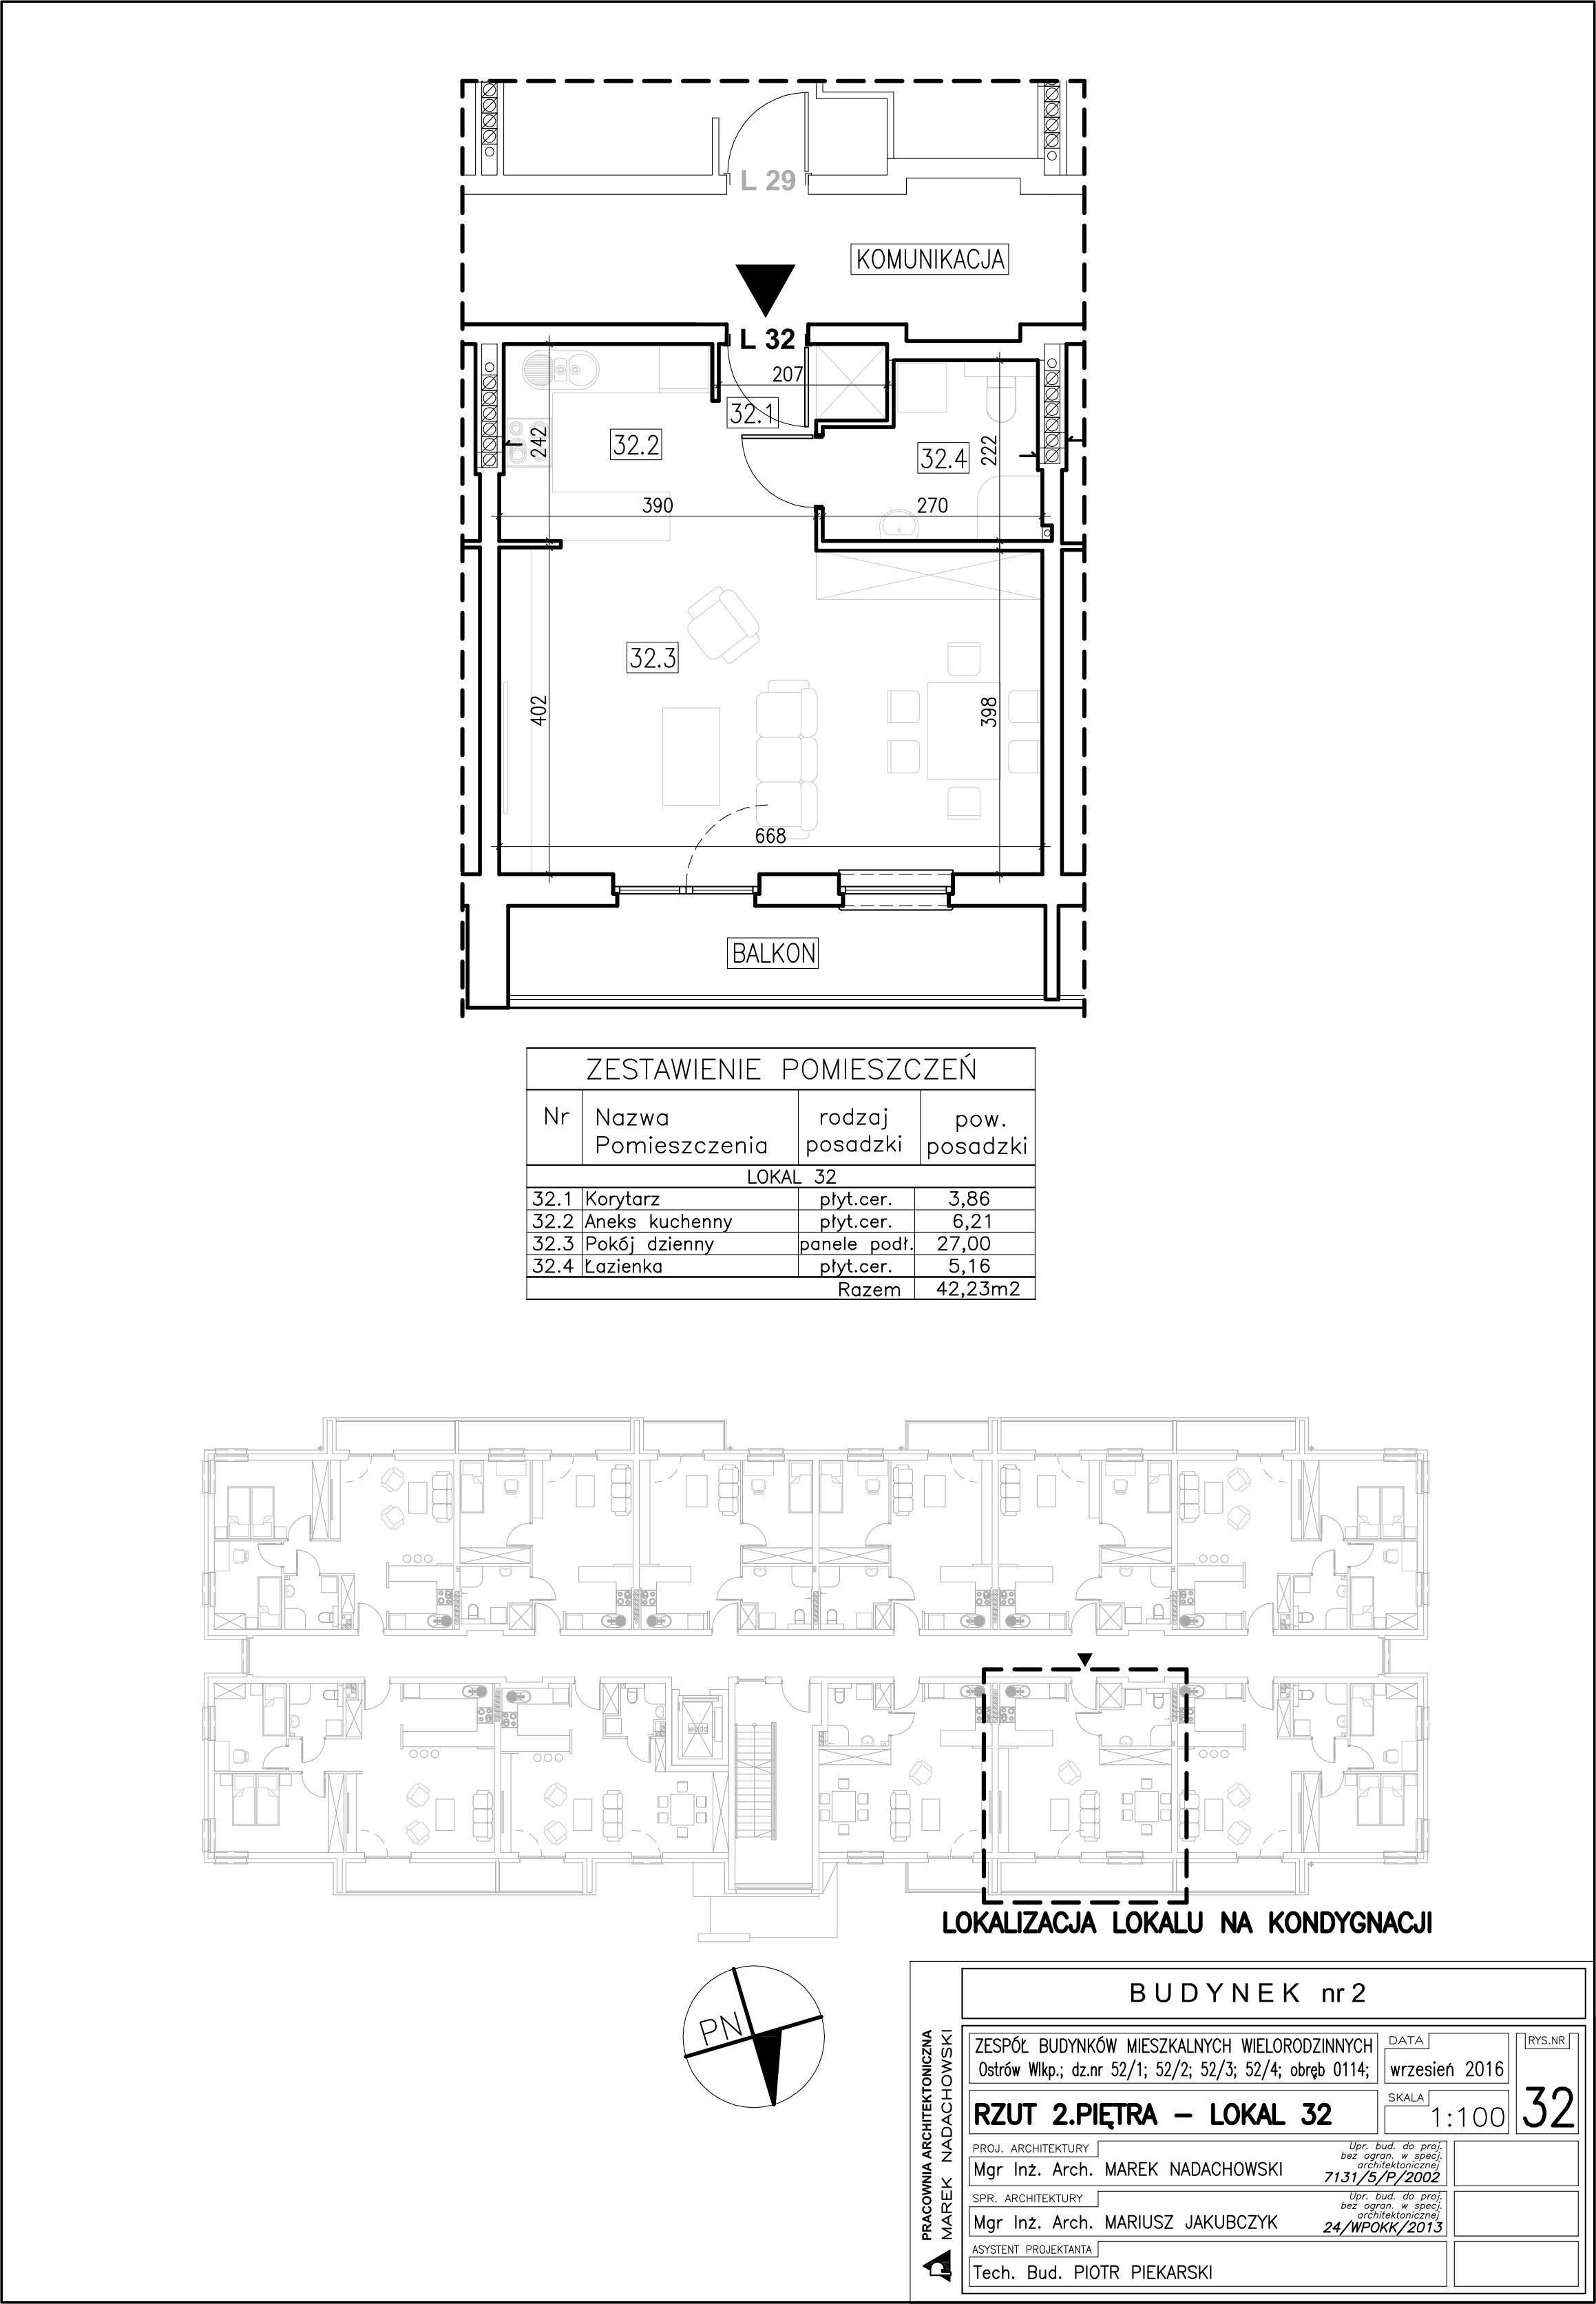 Lokal nr 32 Powierzchnia: 42,23 m2